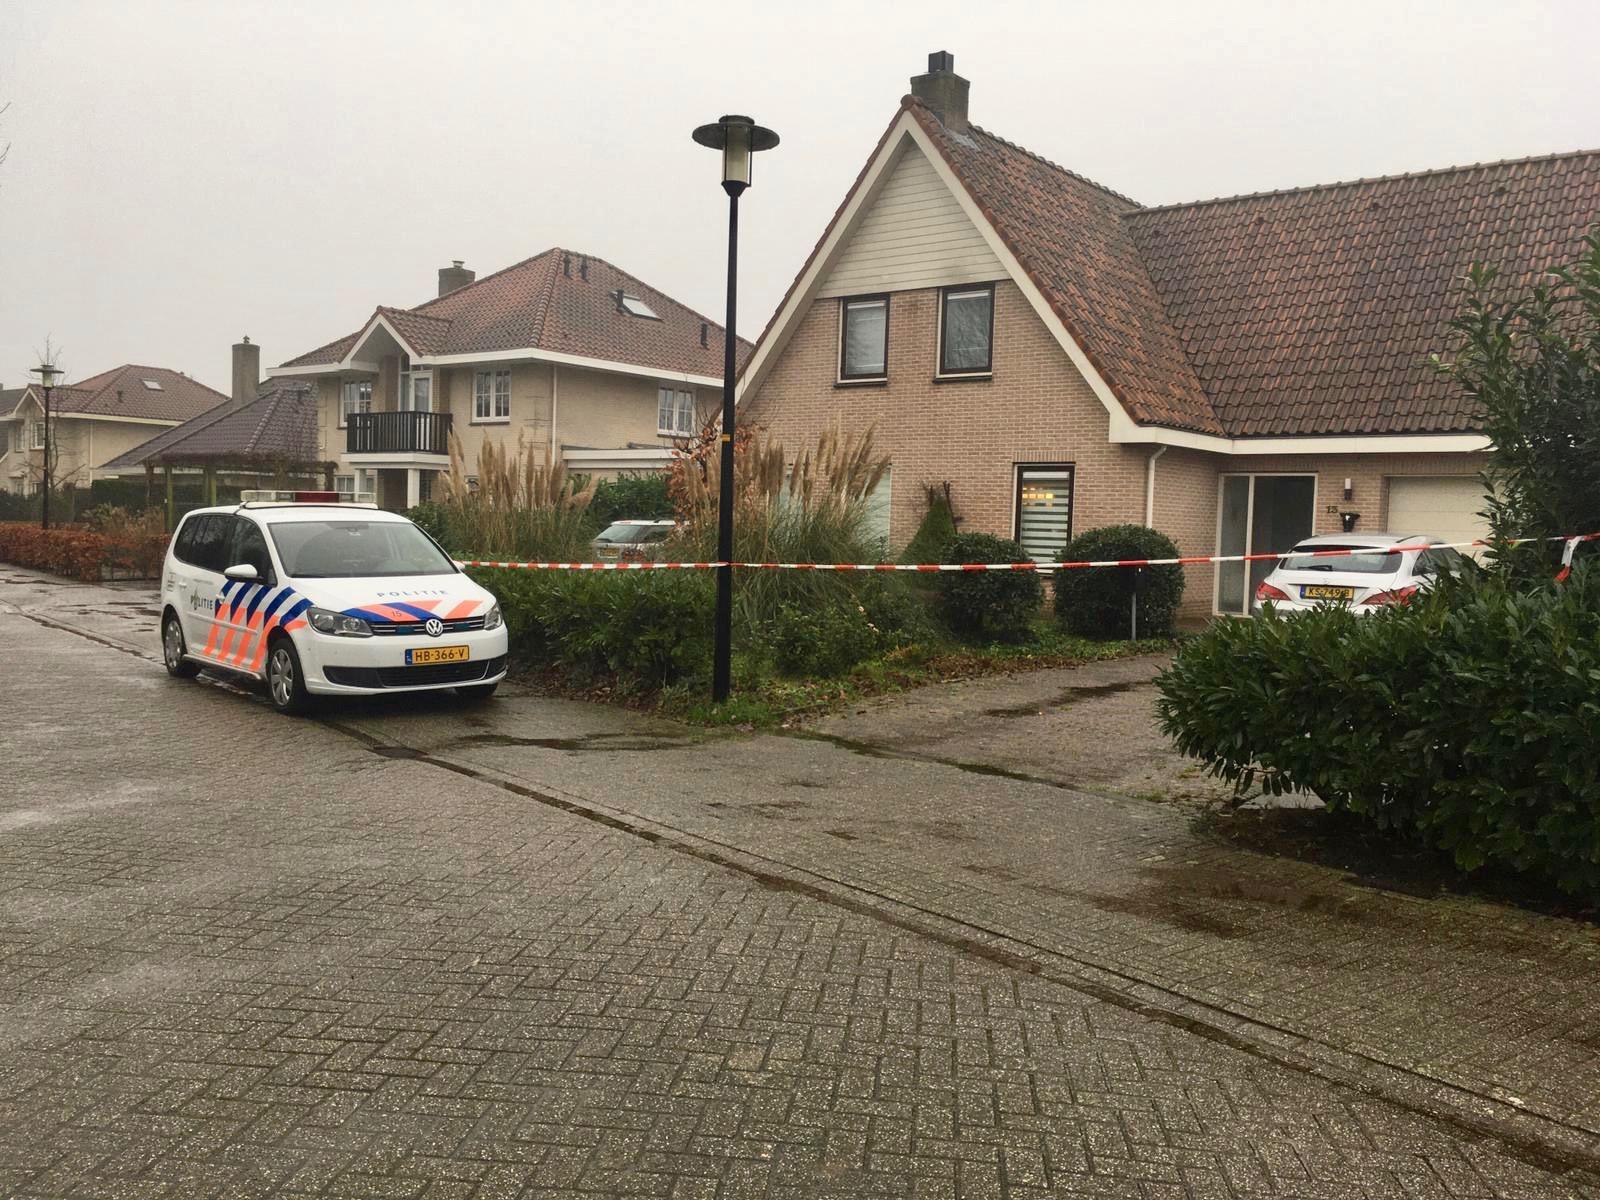 Verbazing in Grootebroek over steekincident in villawijk